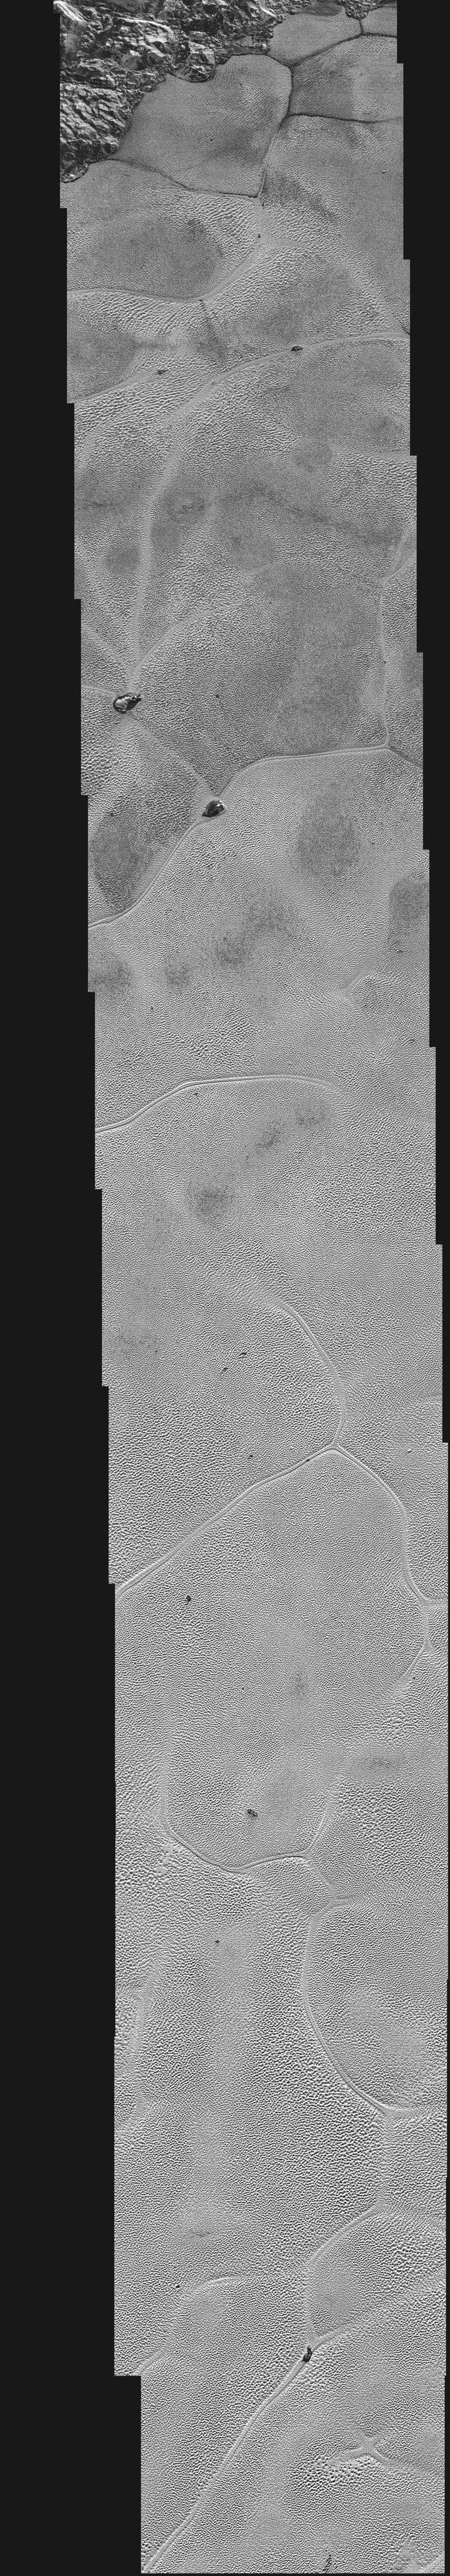 Les photos de la plaine Spoutnik, sur Pluton, prises par la sonde New Horizons et publiées le 7 janvier 2016. (NASA)